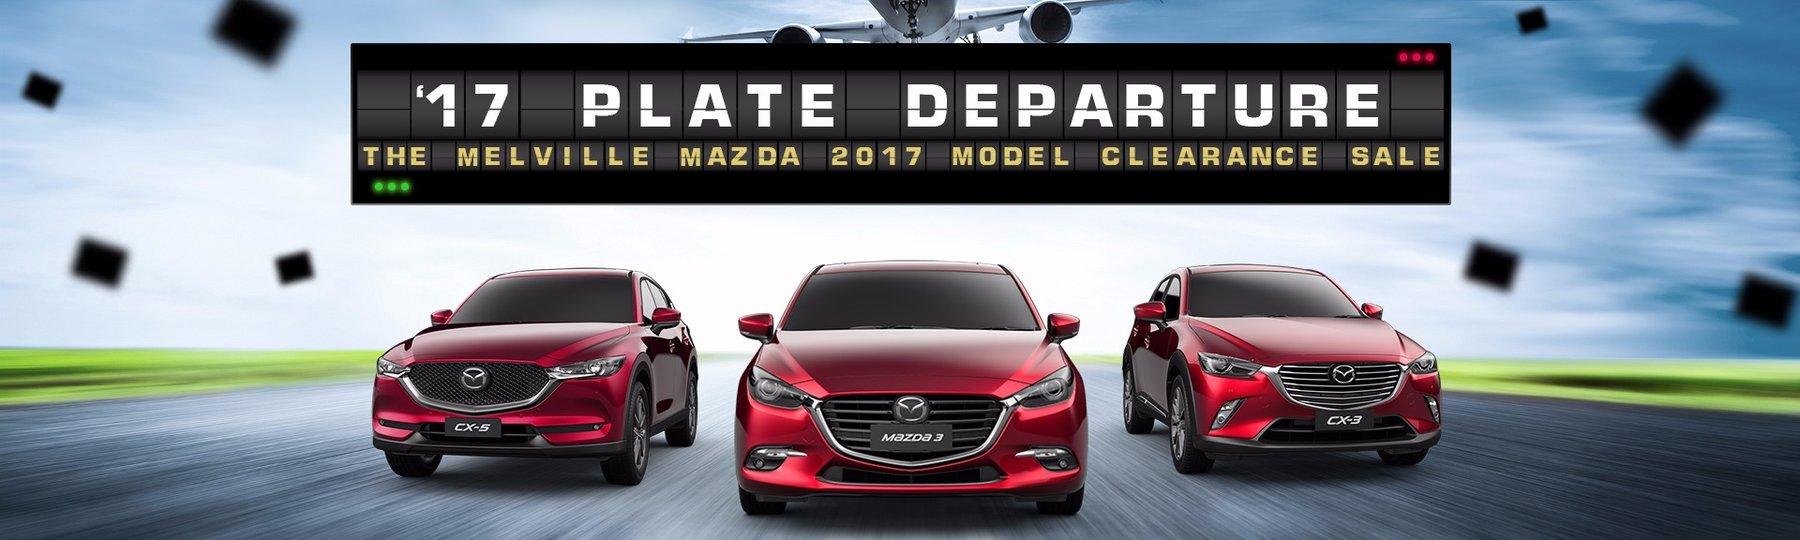 Mazda Dealers Perth Mazda Car Dealerships Melville Mazda